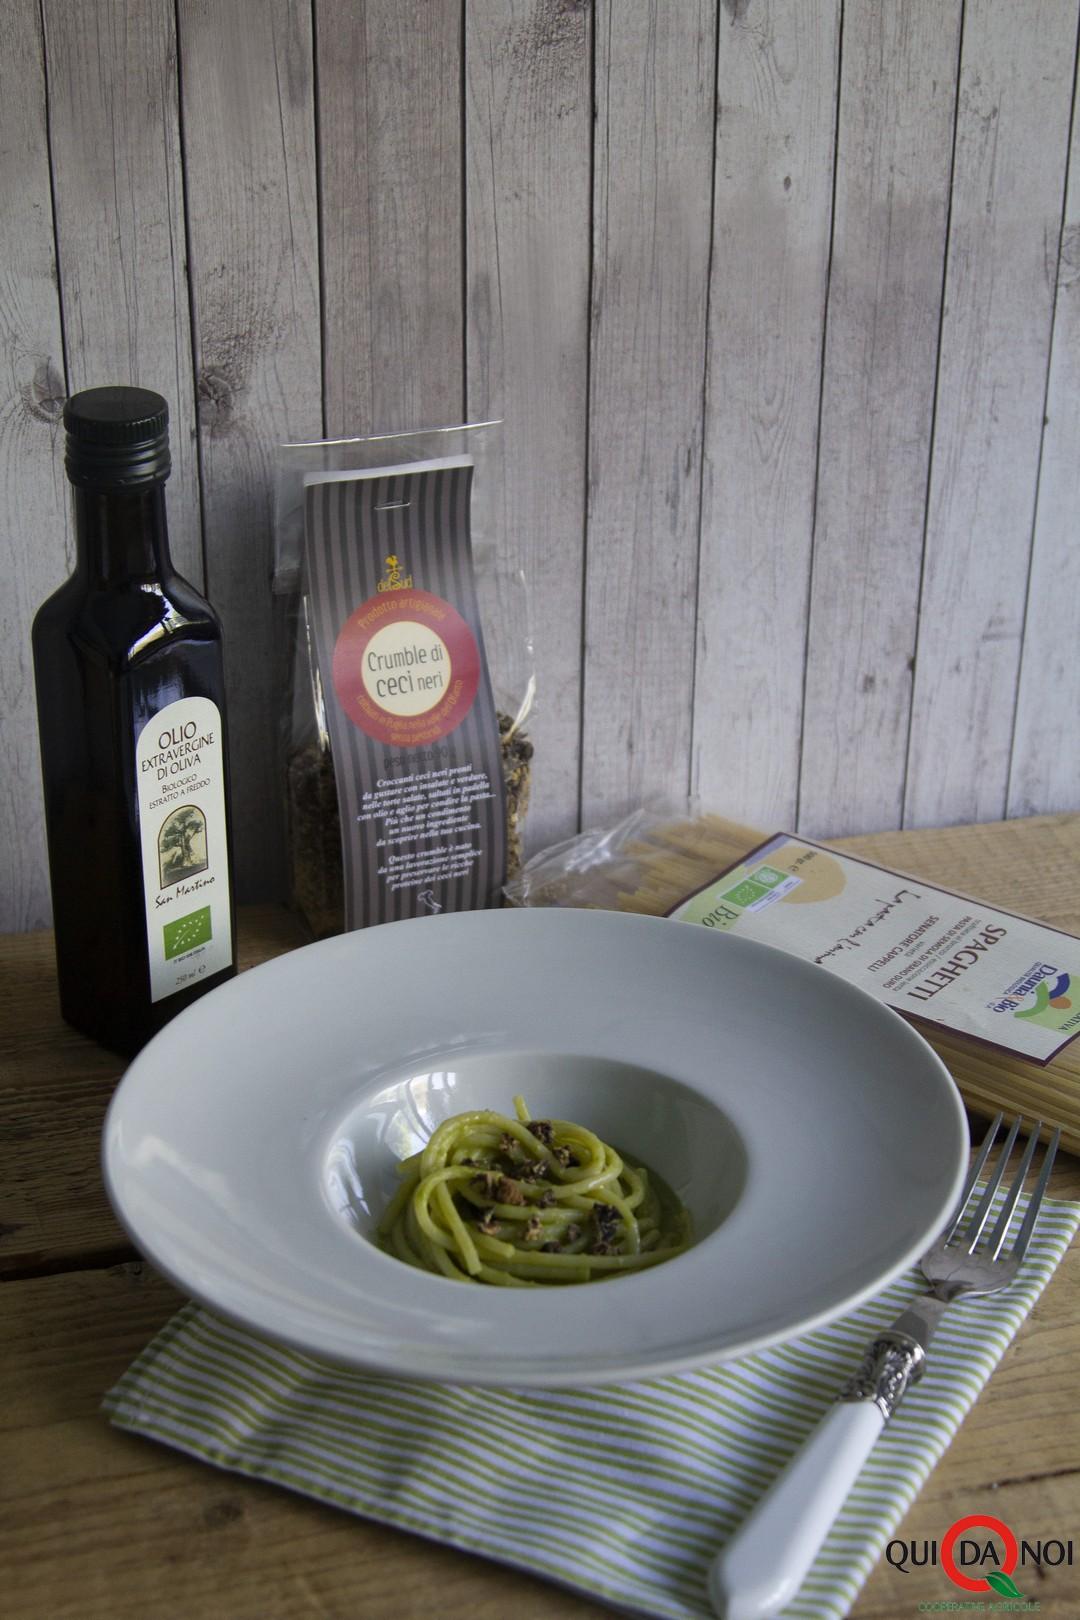 Spaghetti al pesto di broccoli e crumble di ceci neri_monica martino